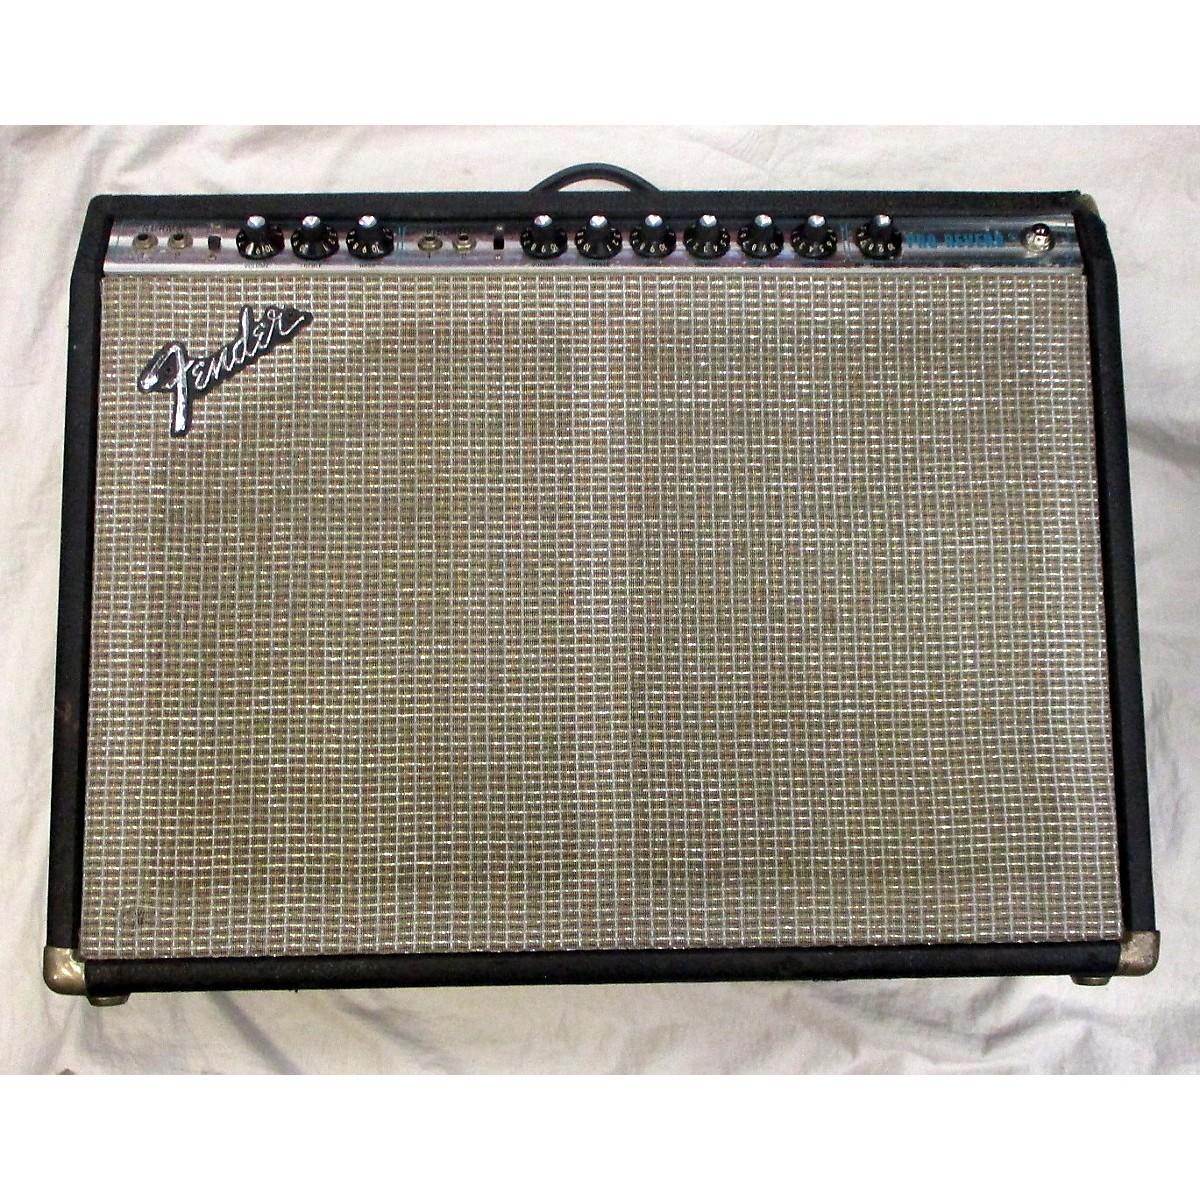 Fender 1977 Pro Reverb Tube Guitar Combo Amp